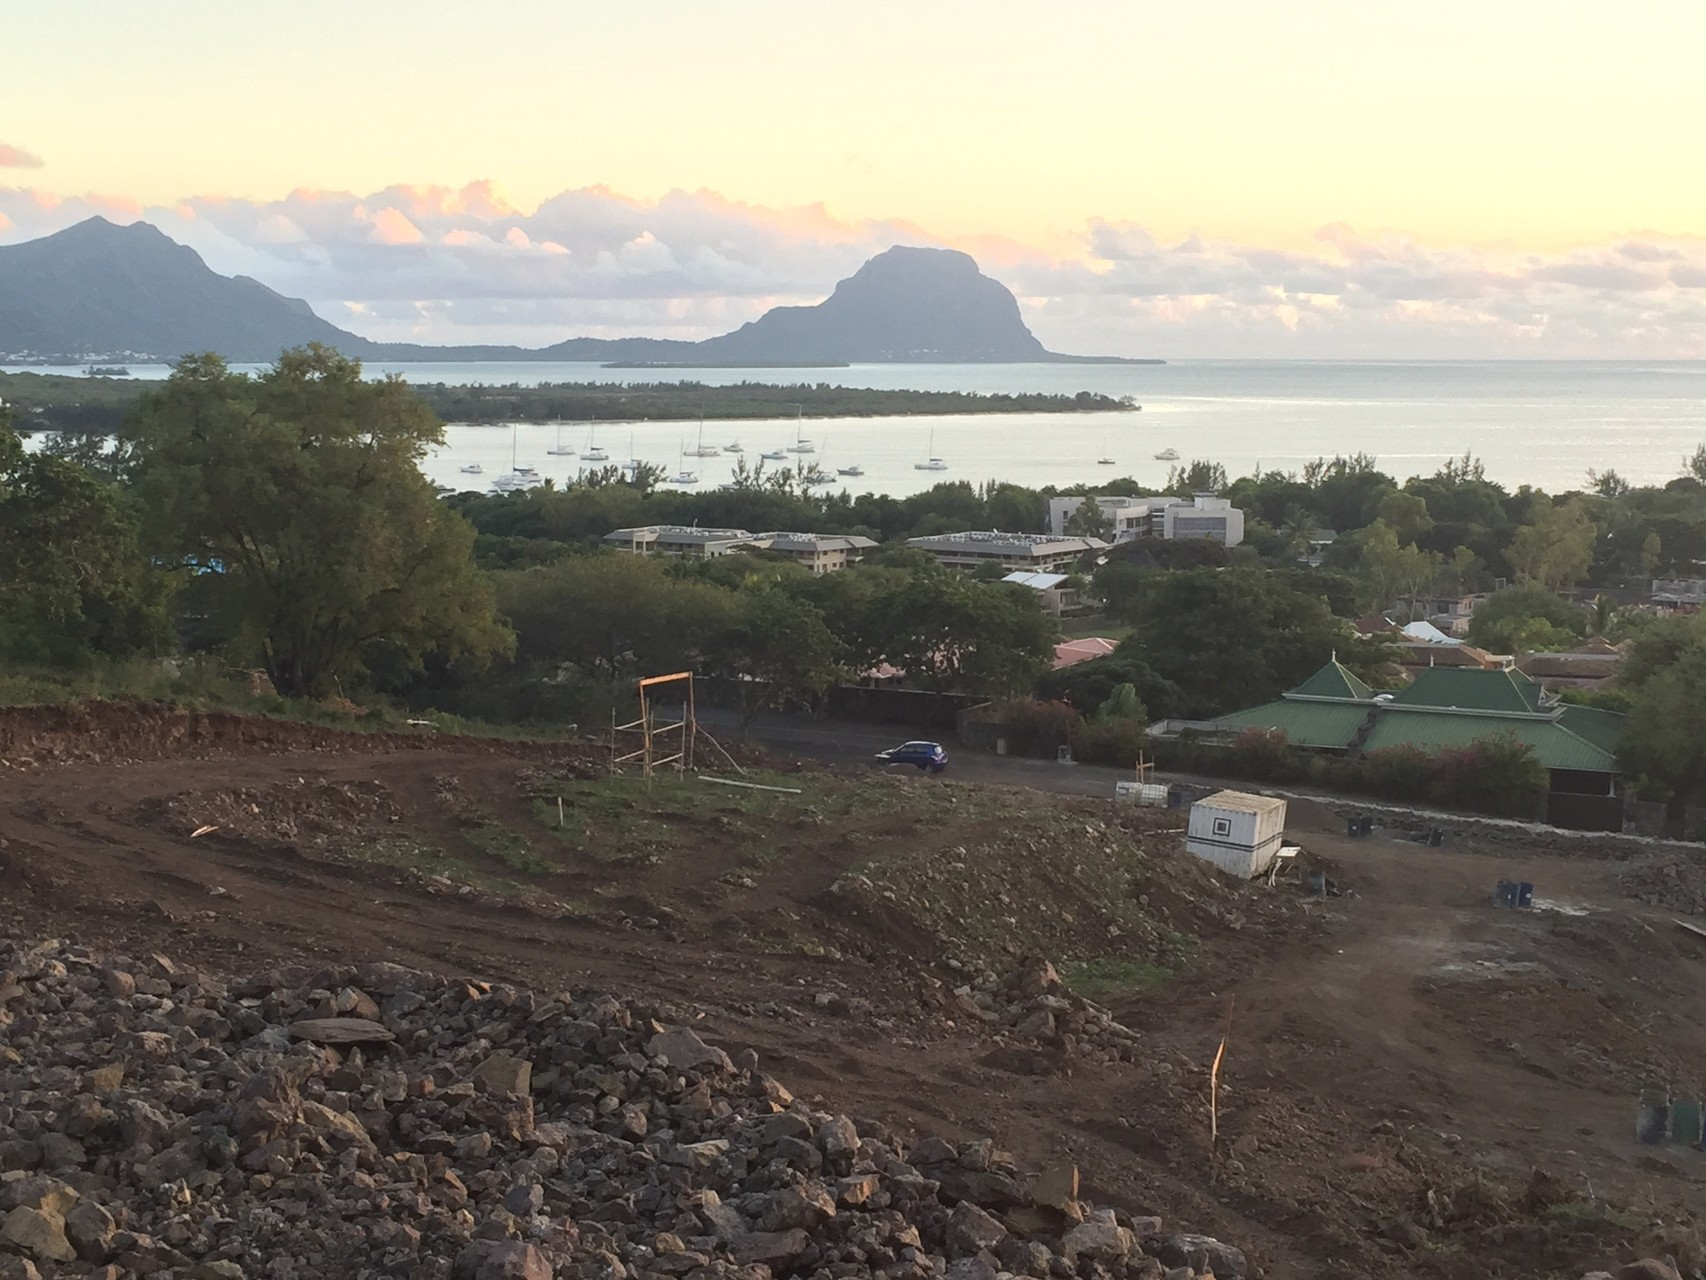 achat immobilier RES vue mer d'exception et de prestige à l'île Maurice en RES OSIRIS MAISONS de LUXE